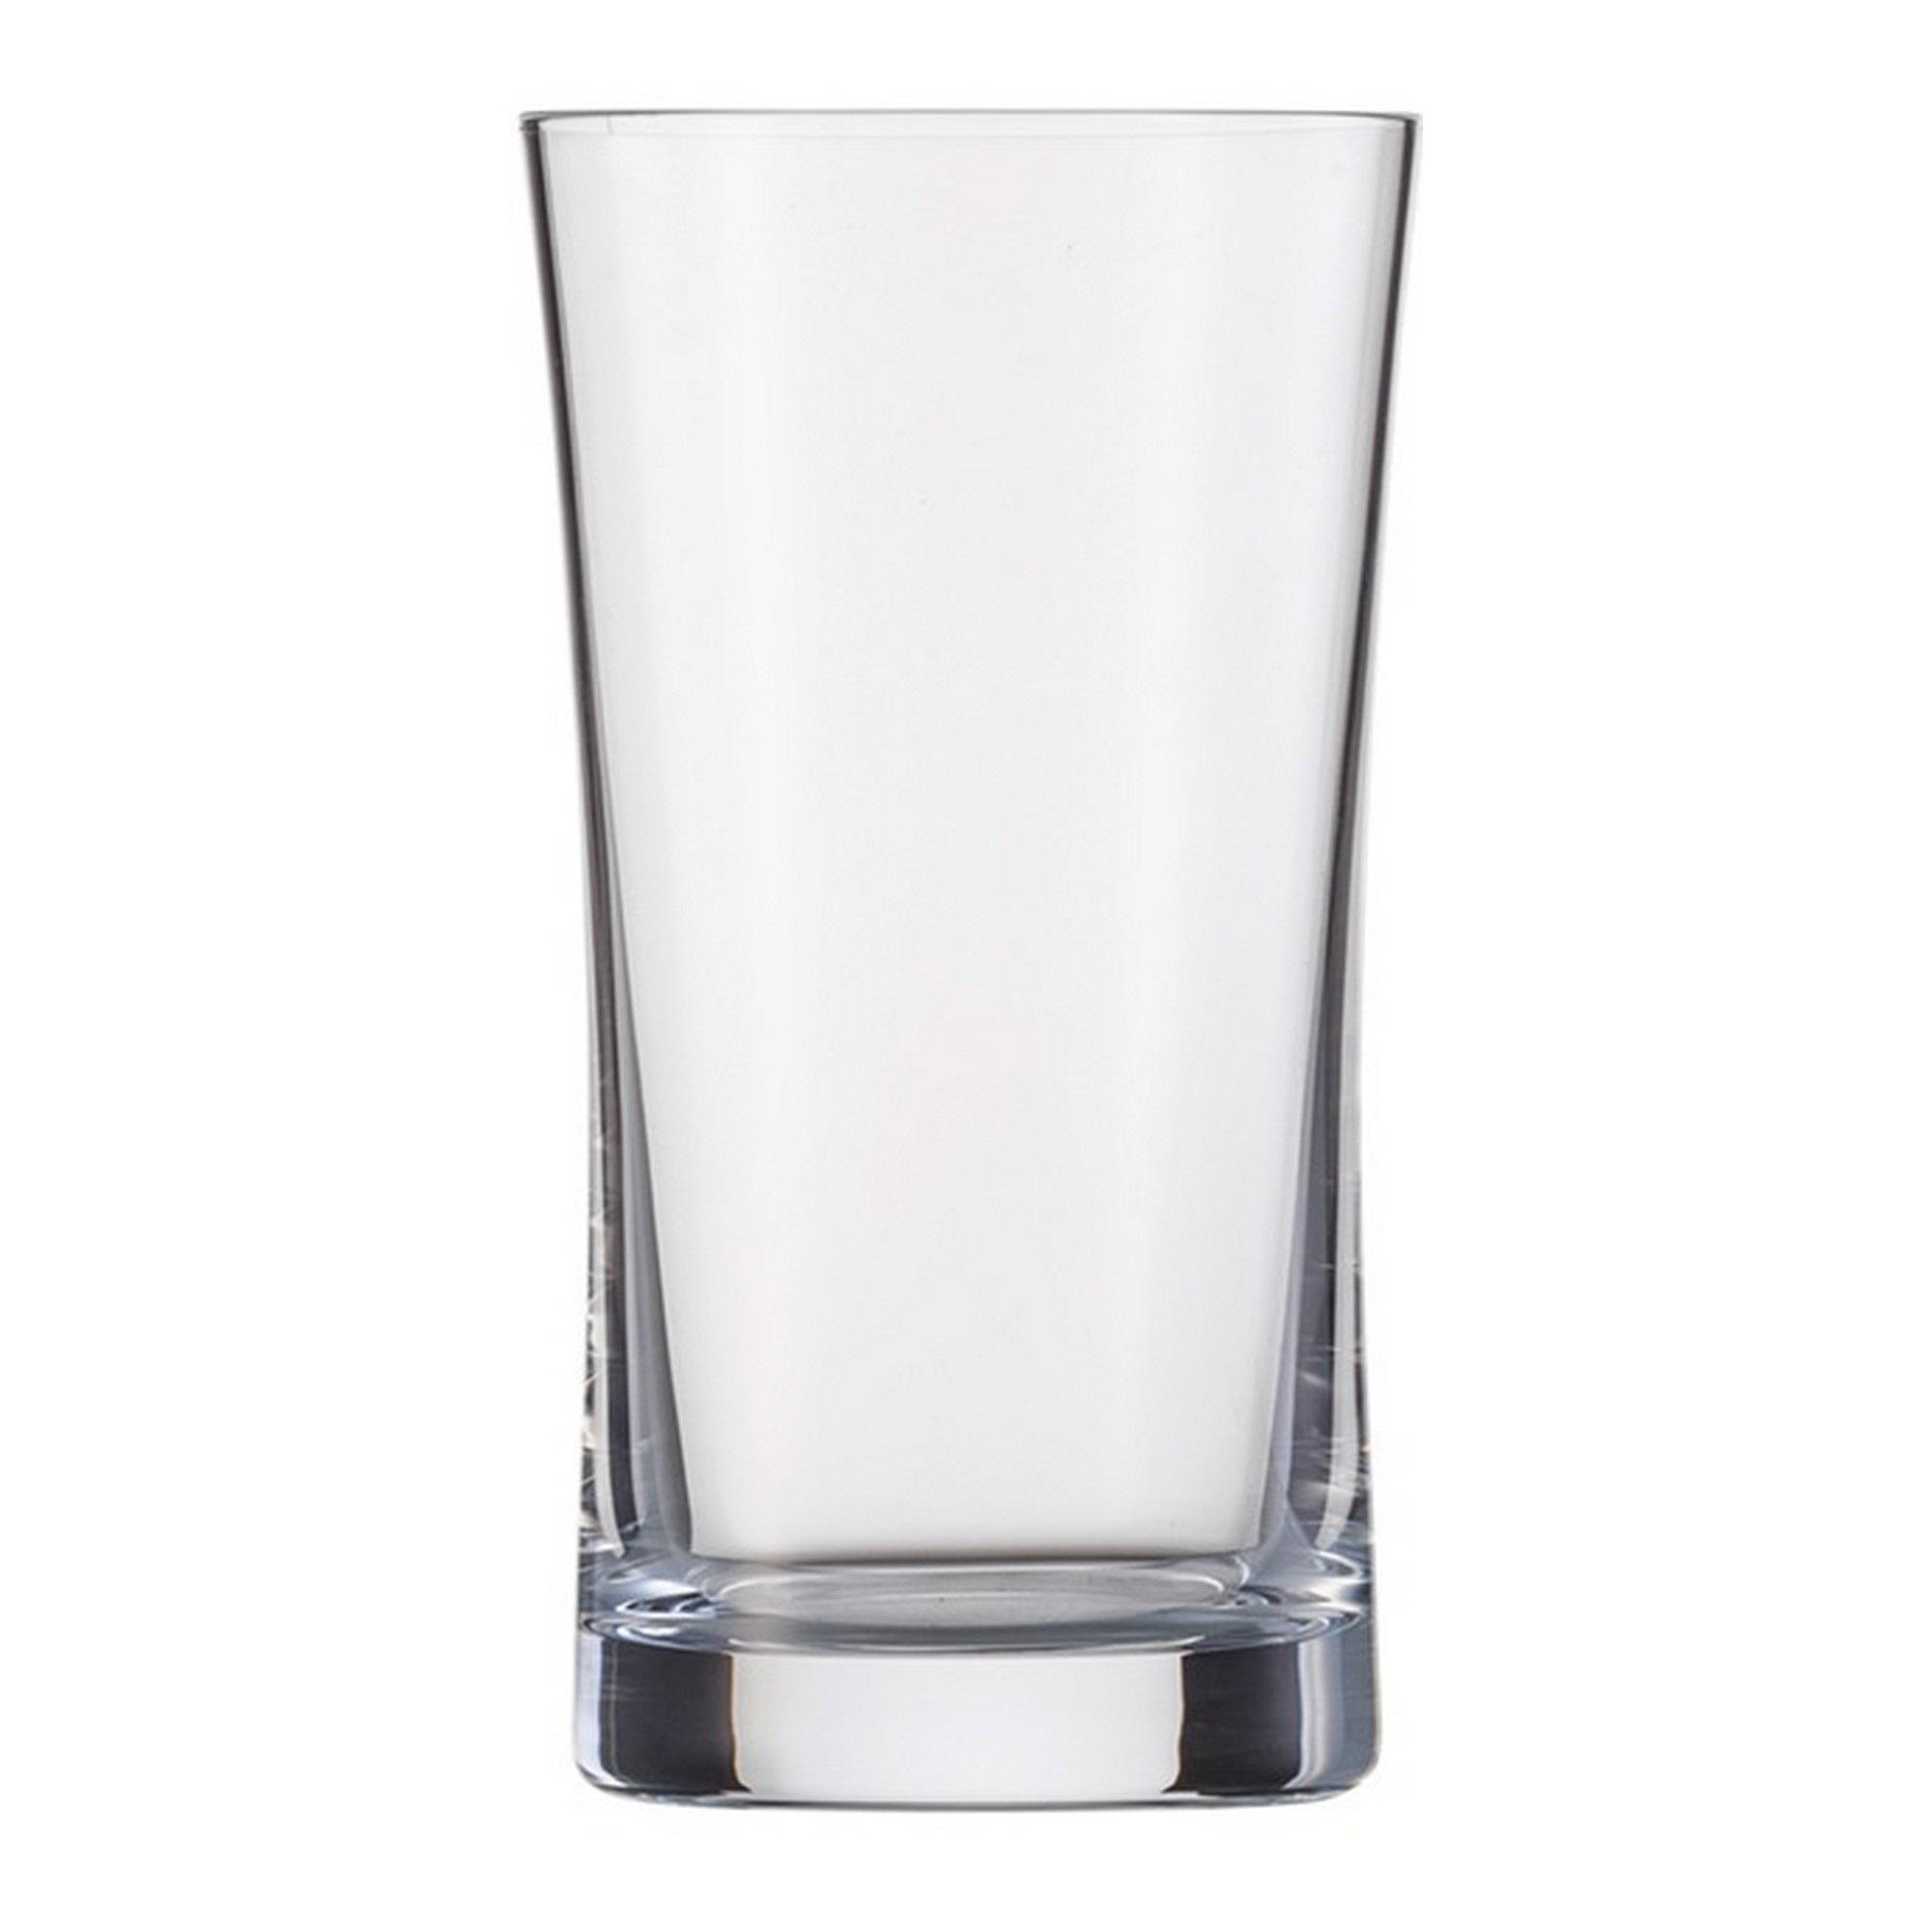 Copo para Cerveja Pint 262ml Schott Zwiesel Beer Basic 6 Peças de Cristal